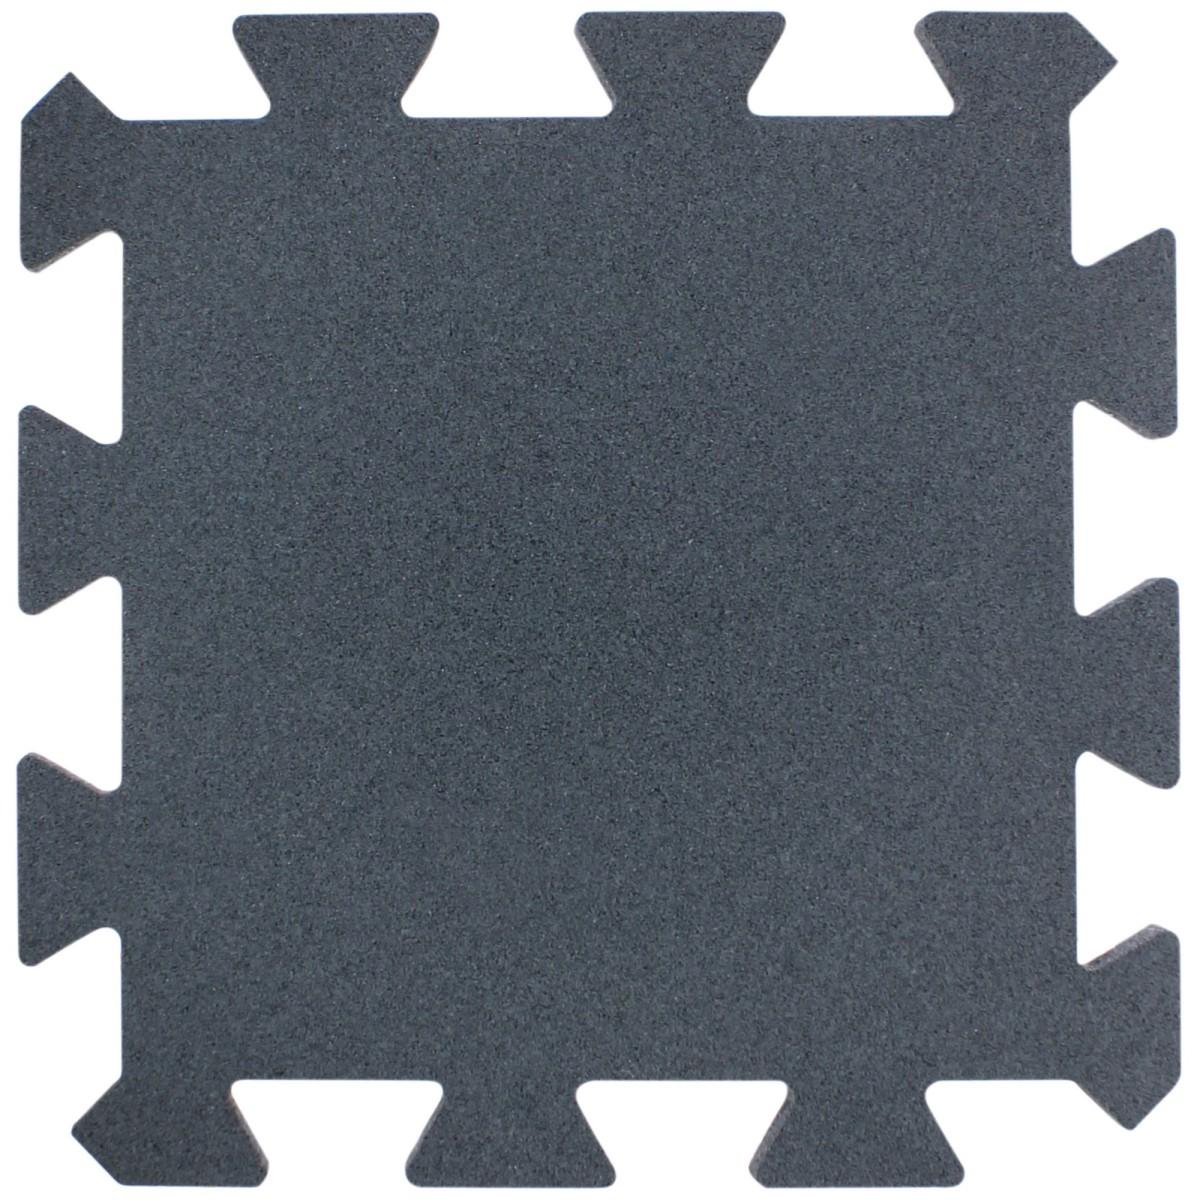 Плитка-пазл резиновая 50Х50Х2.5 см цвет серый